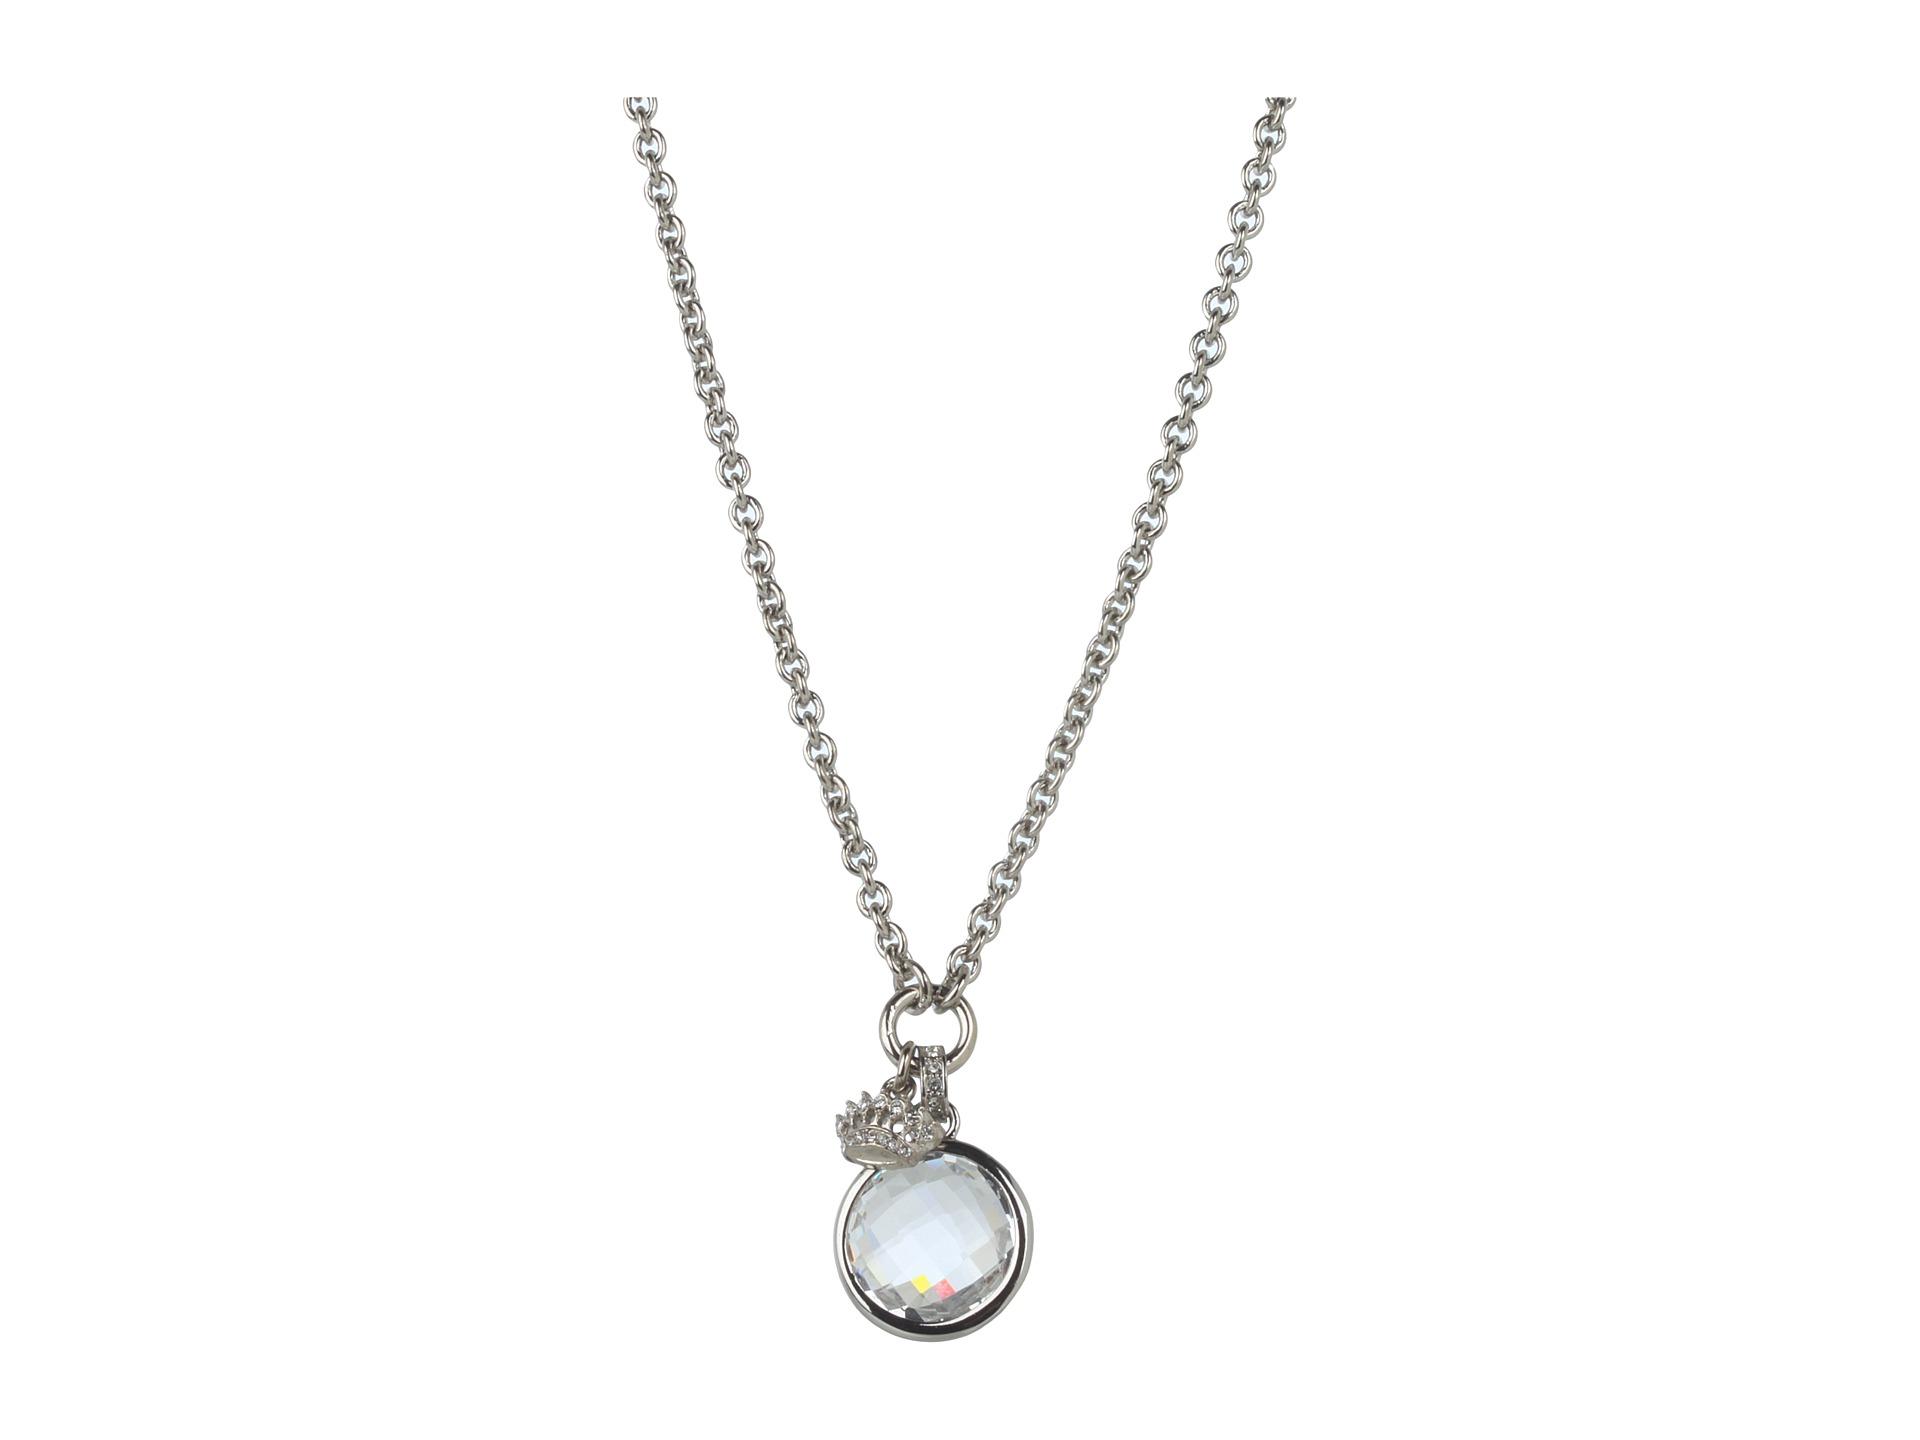 couture水晶月亮小皇冠项链带礼盒